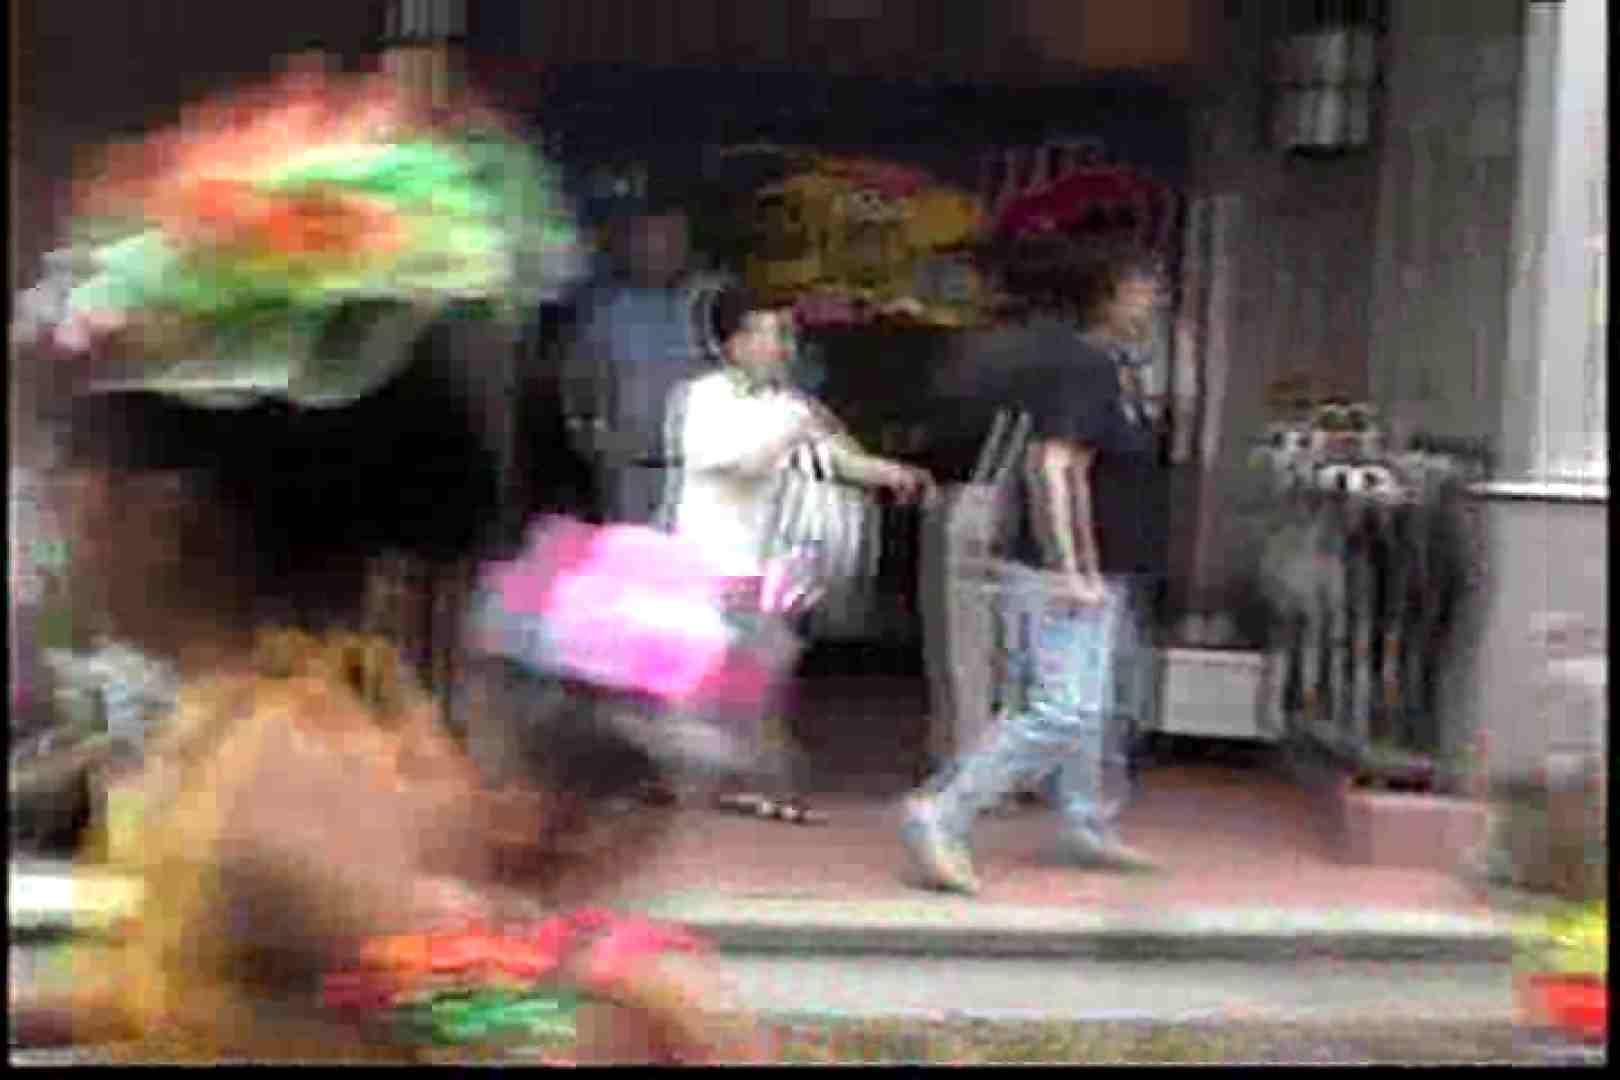 狂乱のサンバカーニバルVol.4 ギャルエロ画像 AV無料動画キャプチャ 113PICs 26